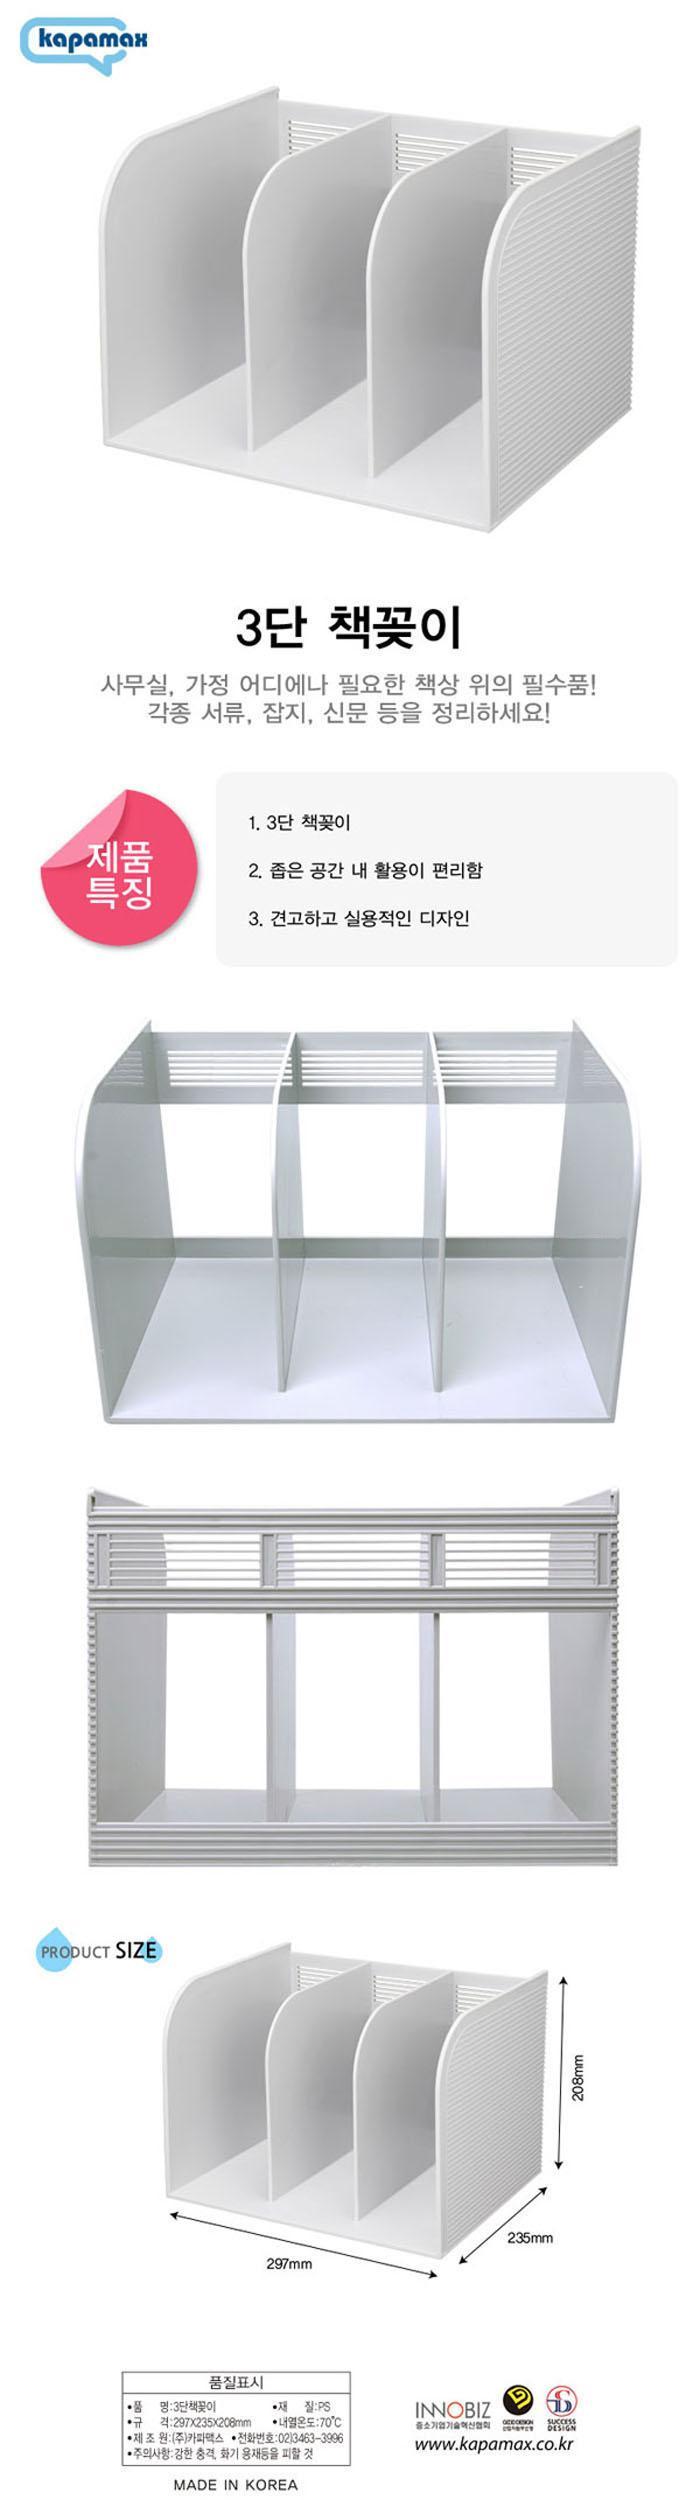 카파 책꽂이 3단 95091 하늘 북앤드 서류꽂이 서류정 북앤드 서류꽂이 서류정리대 데스크정리 파일꽂이